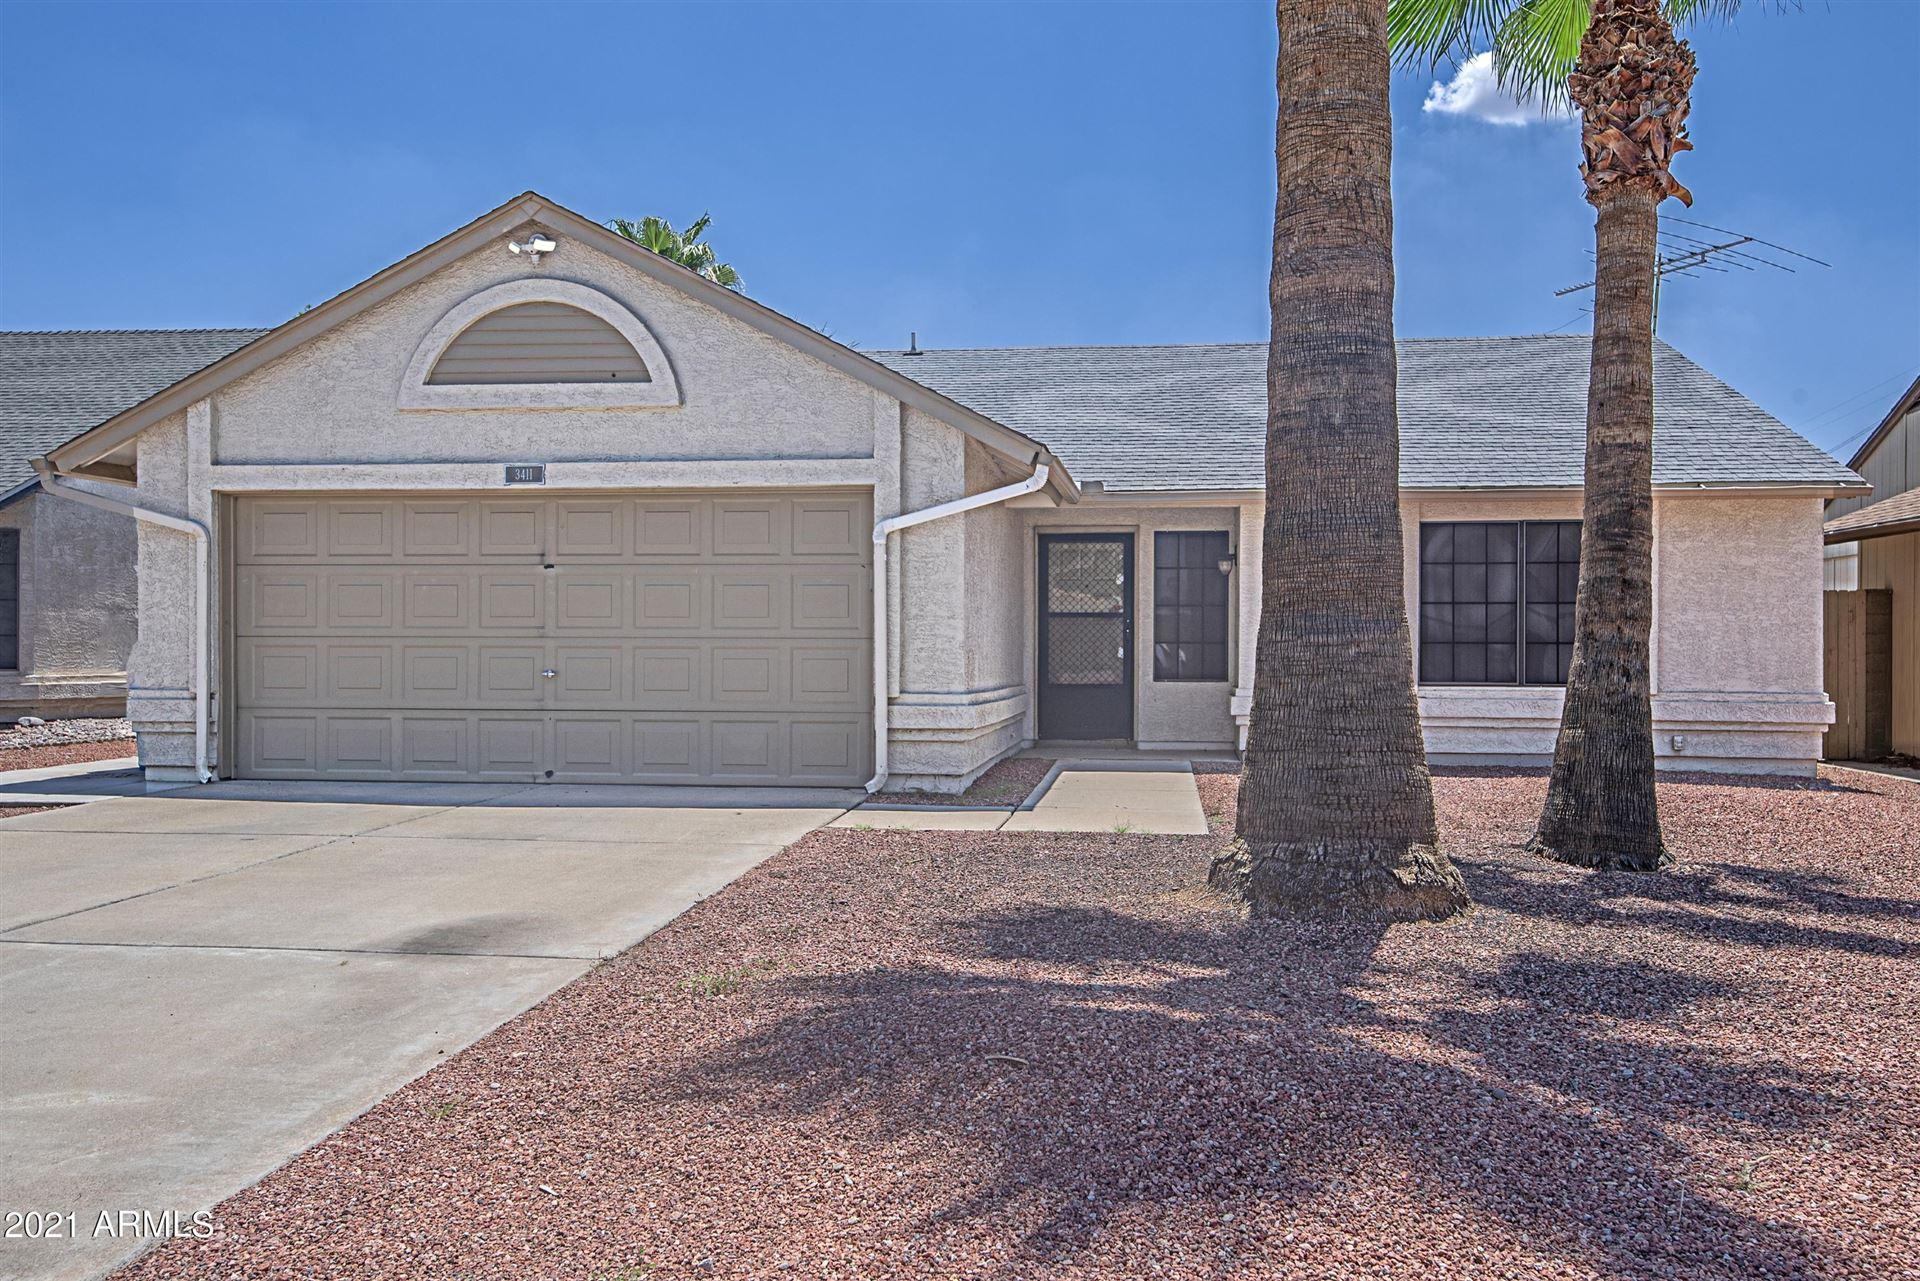 3411 W ROSS Avenue, Phoenix, AZ 85027 - MLS#: 6271474